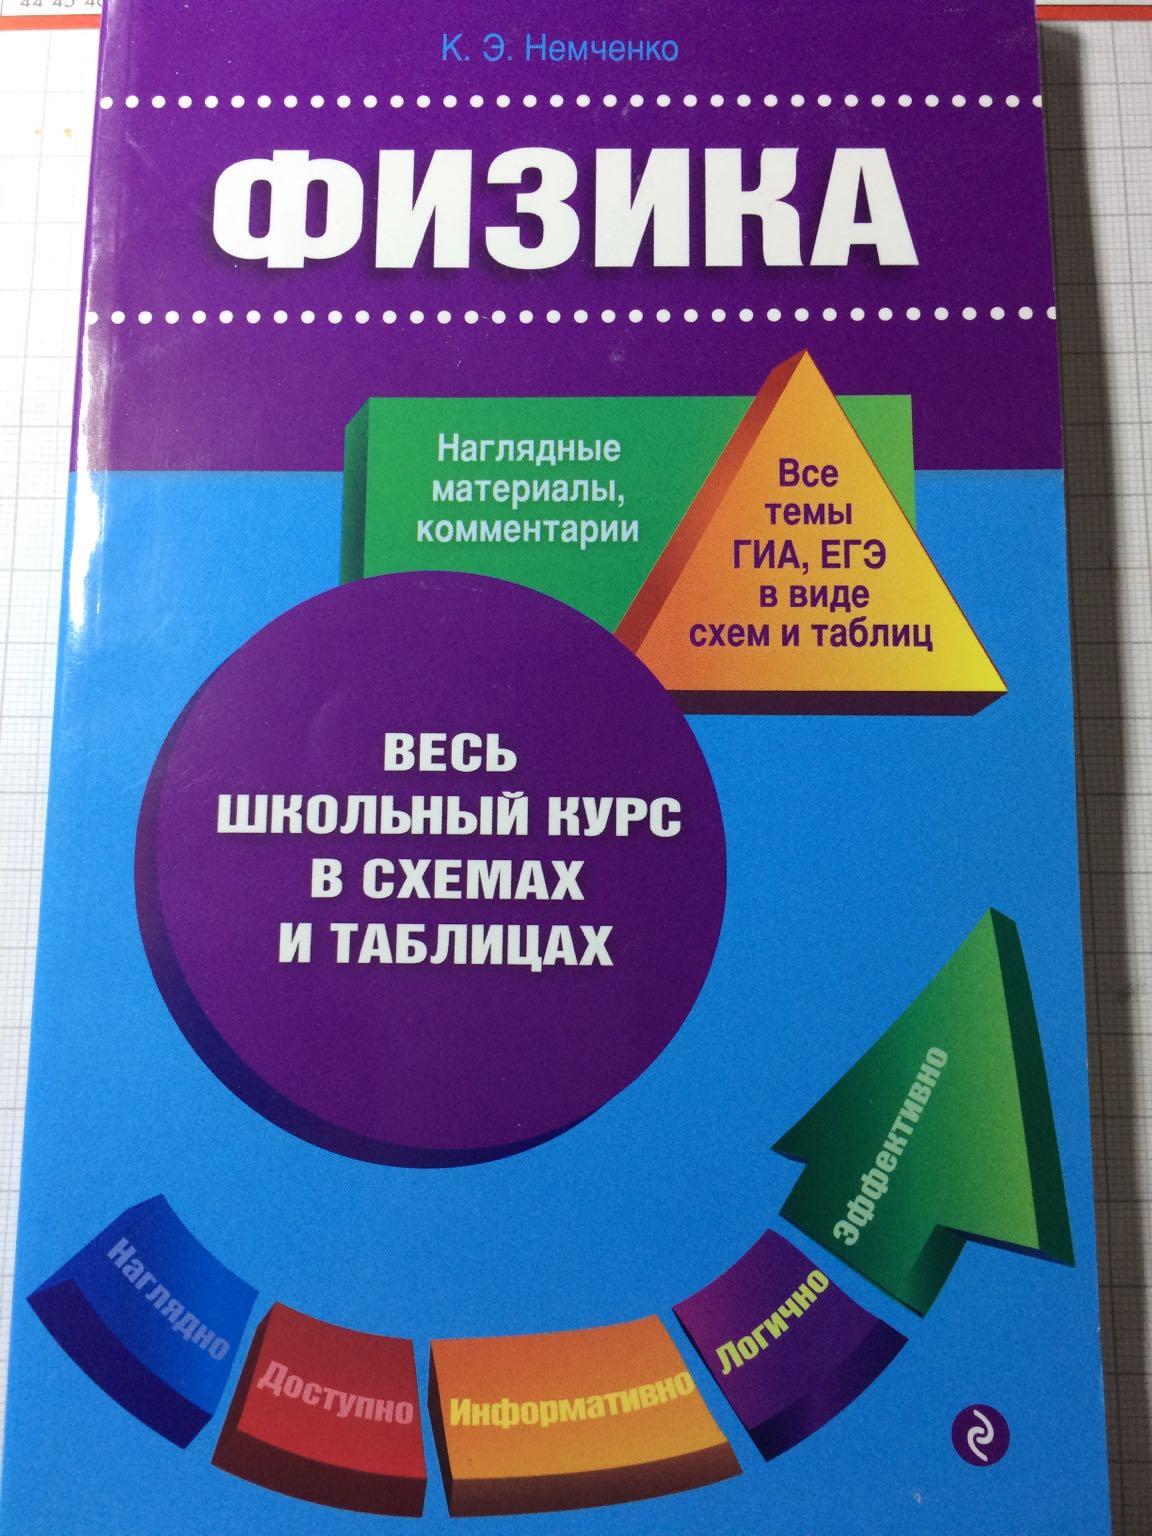 Немченко физика в схемах и таблицах